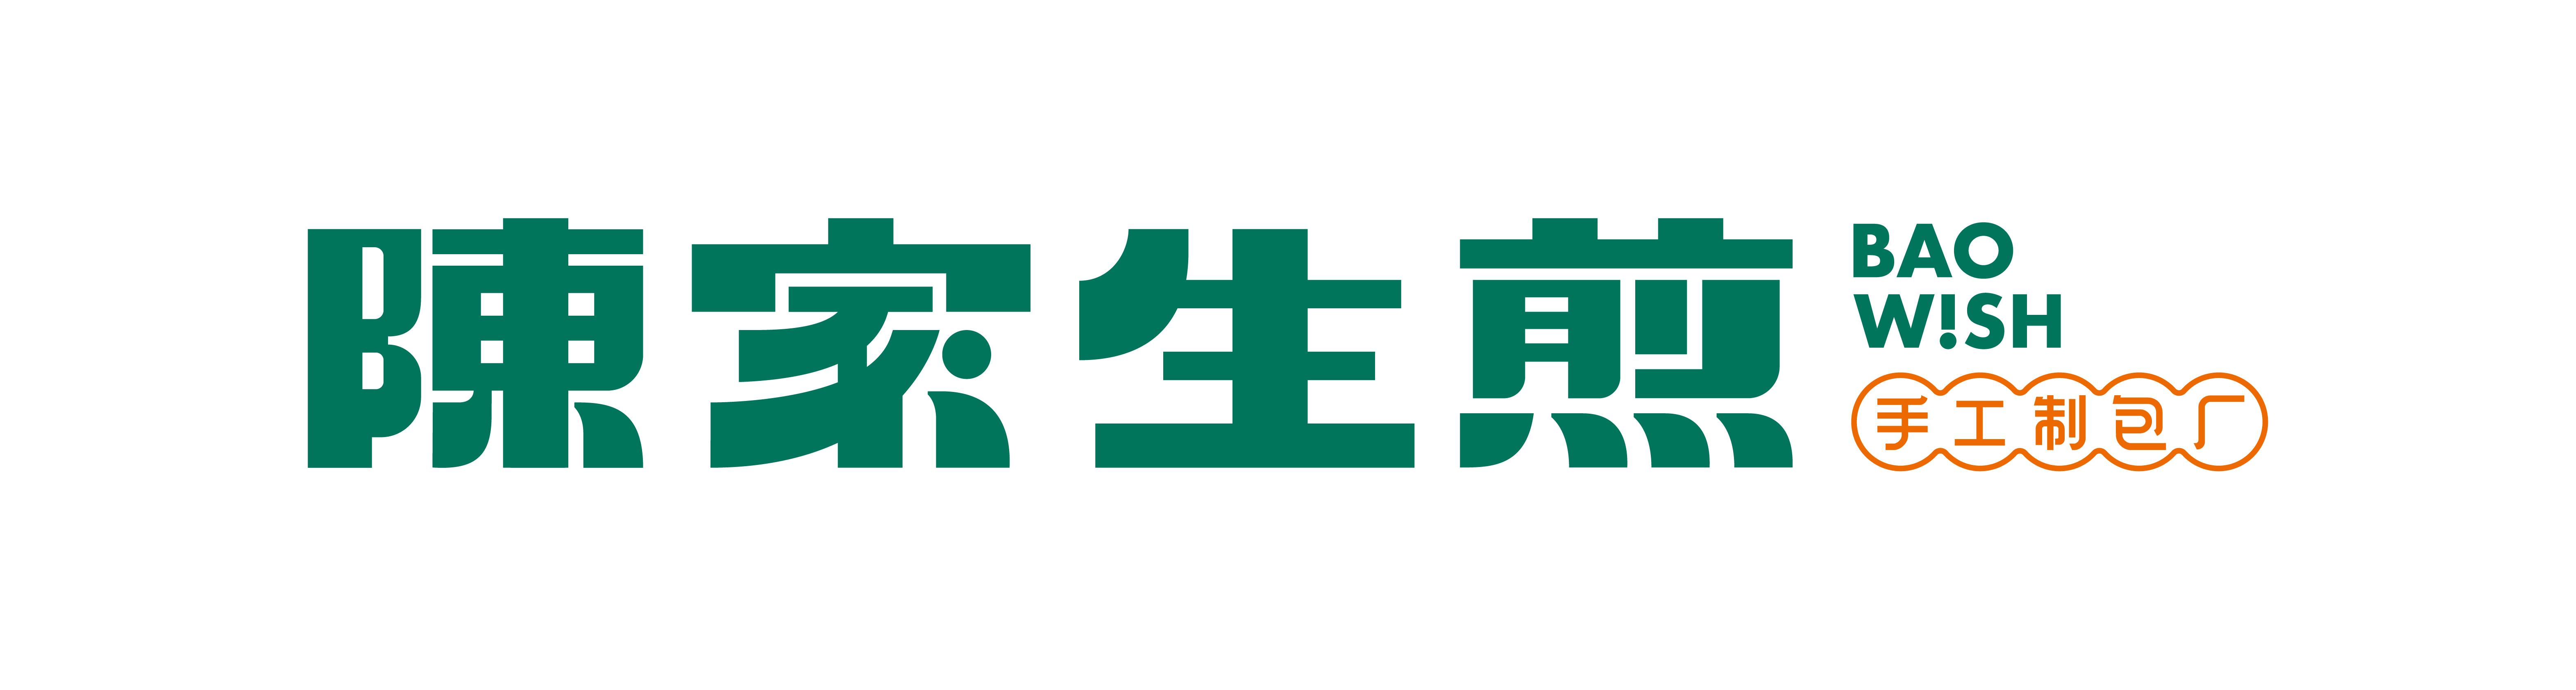 陈家新logo-27.jpg